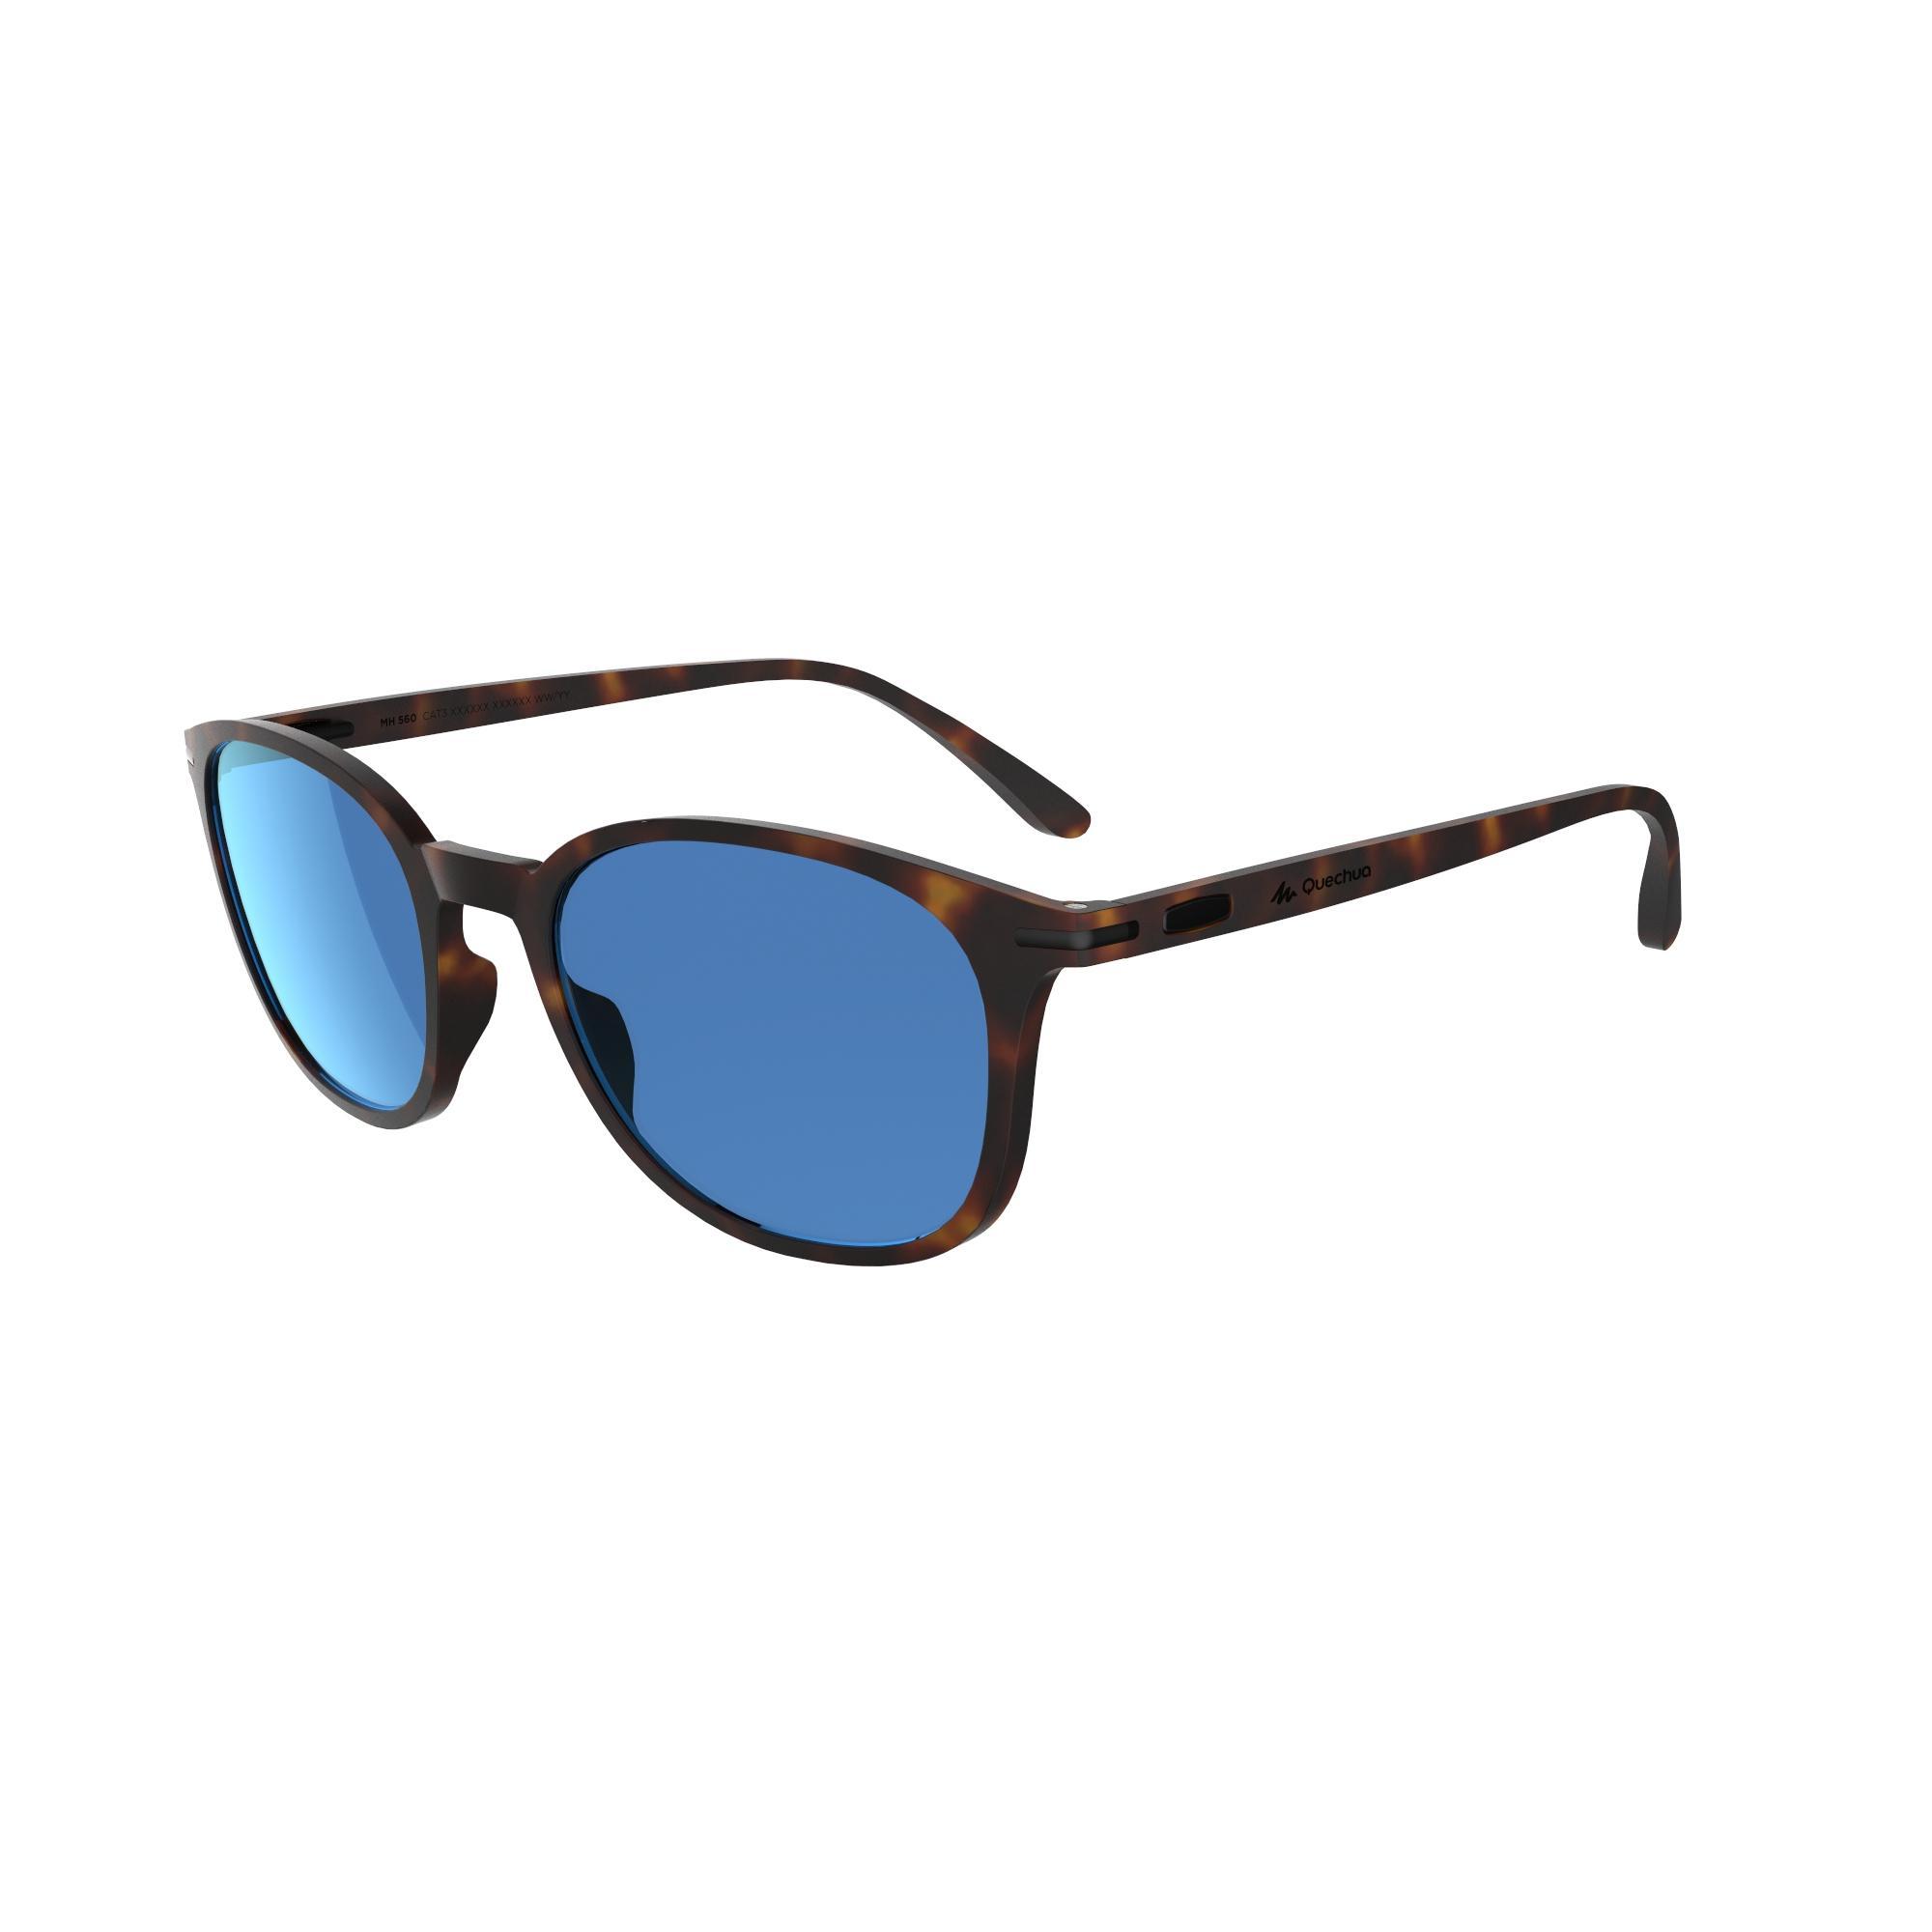 Quechua Zonnebril MH 560 voor wandelen bruin en blauw categorie 3